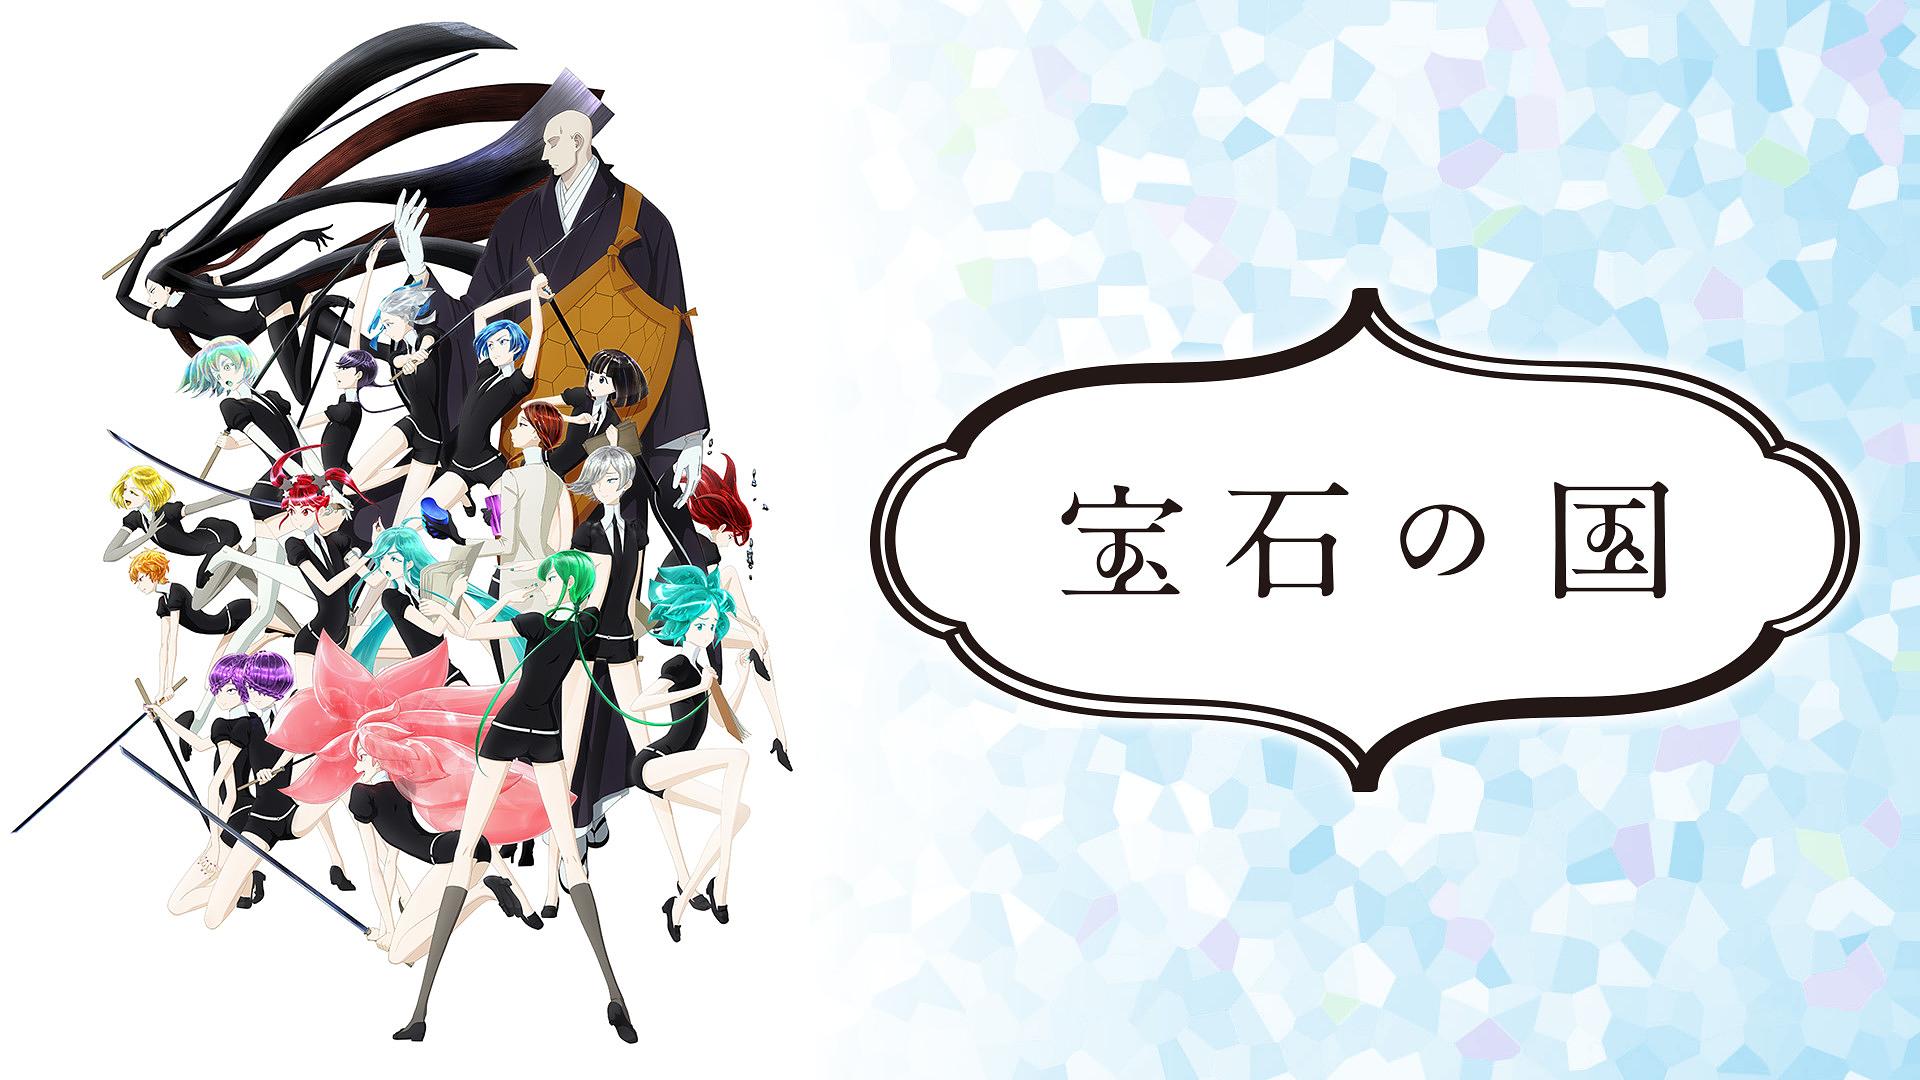 宝石の国 アニメ動画見放題 Dアニメストア